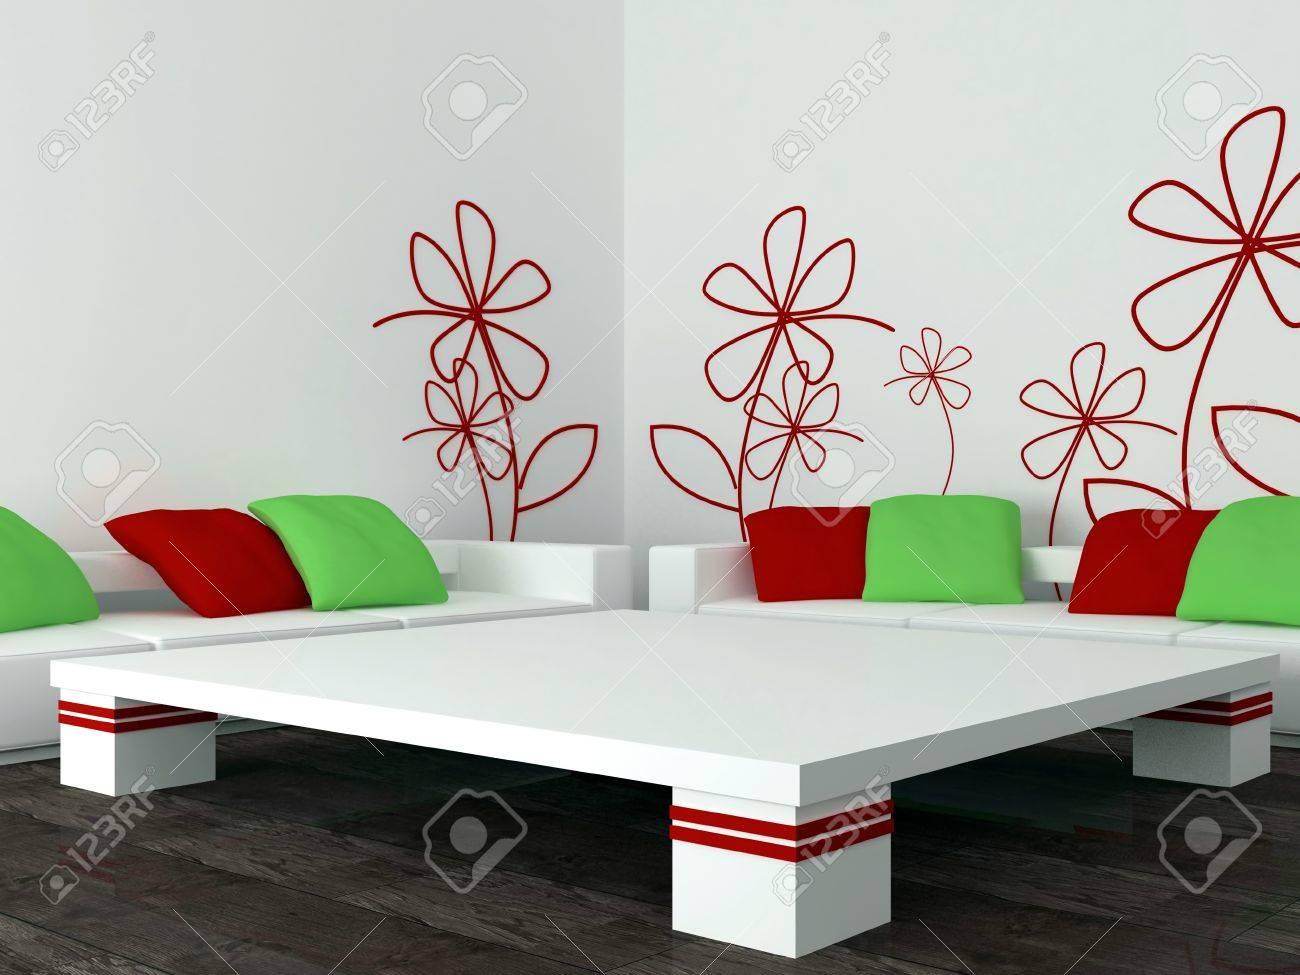 Interieur Ontwerp Van Moderne Witte Woonkamer, Salon Met Grote ...